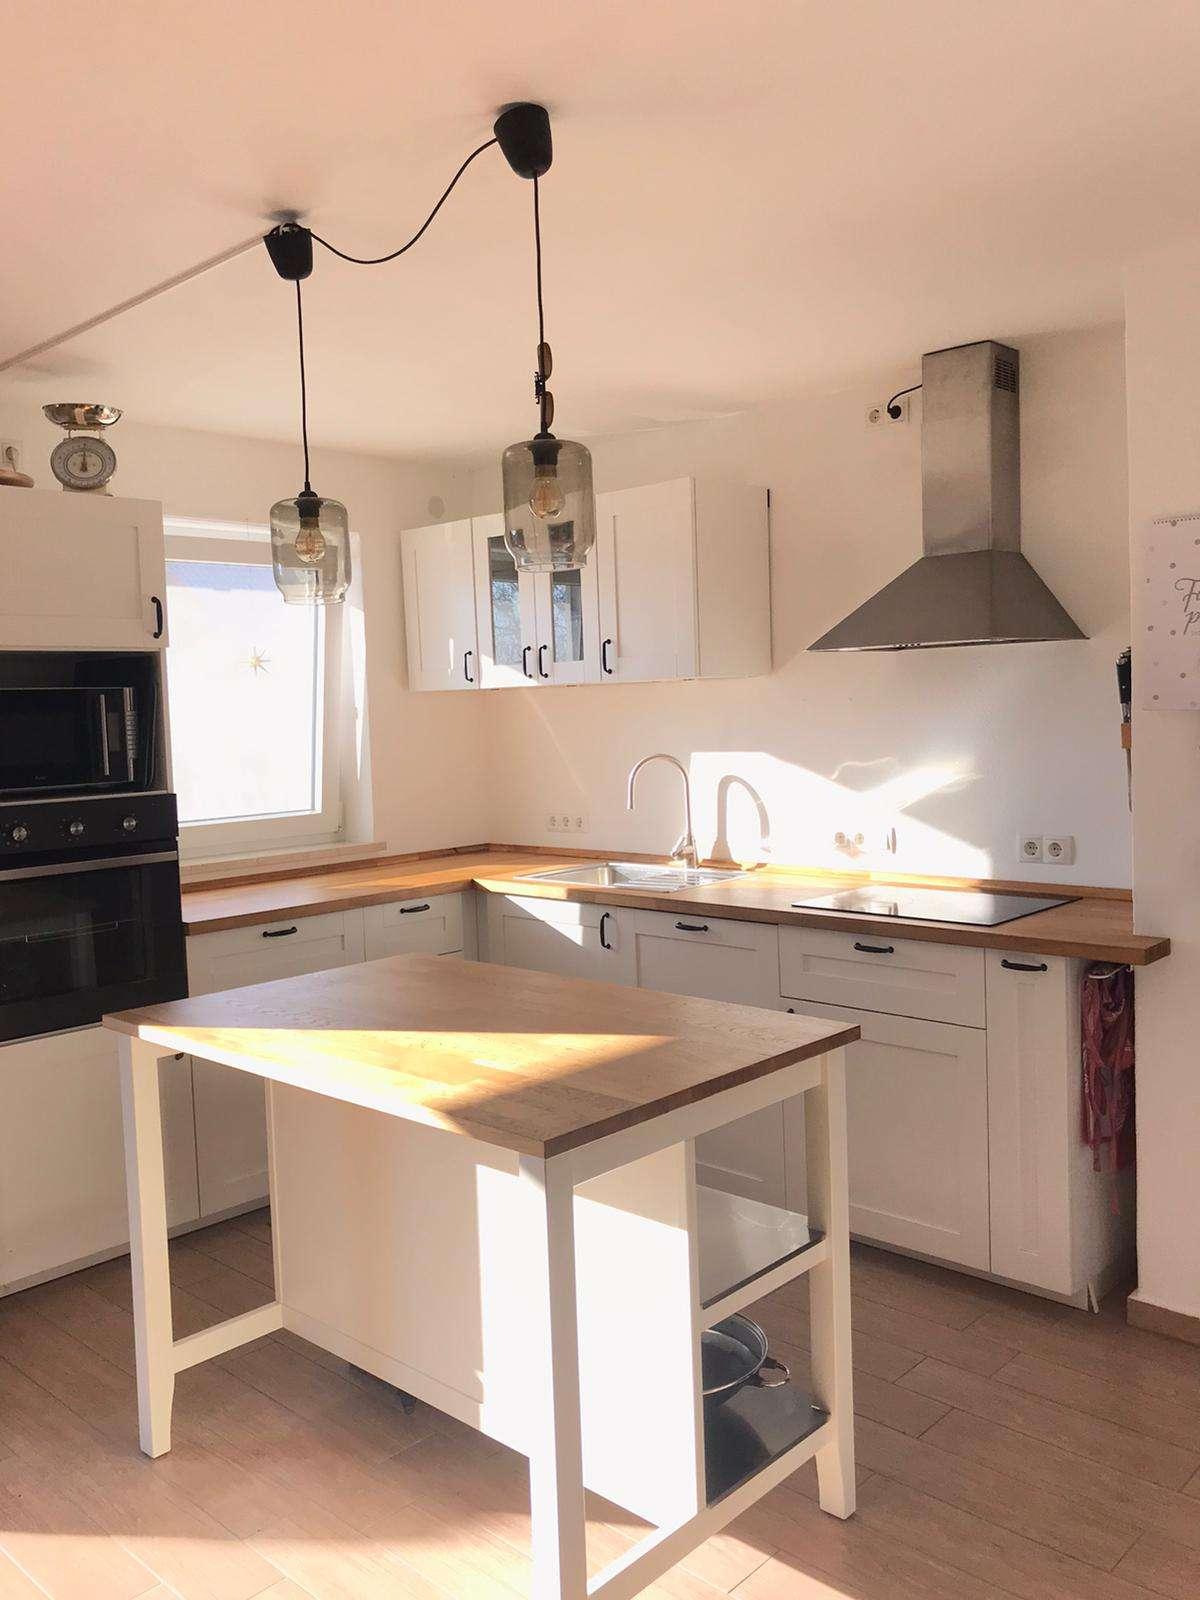 Helle, großzügige 3 Zimmer Wohnung mit offener Küche in Weil (Landsberg am Lech)